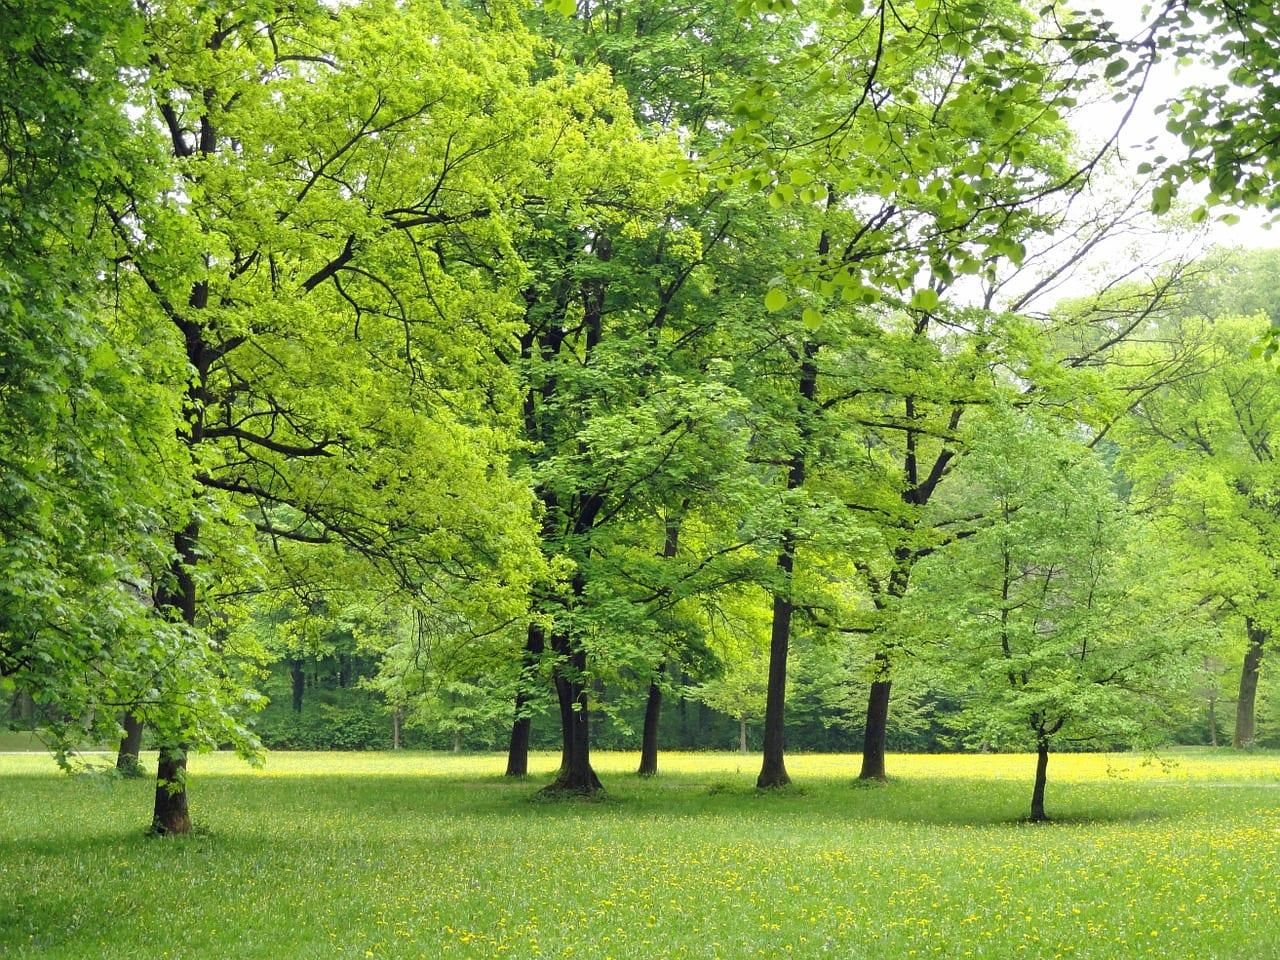 Árboles en un parque de Alemania